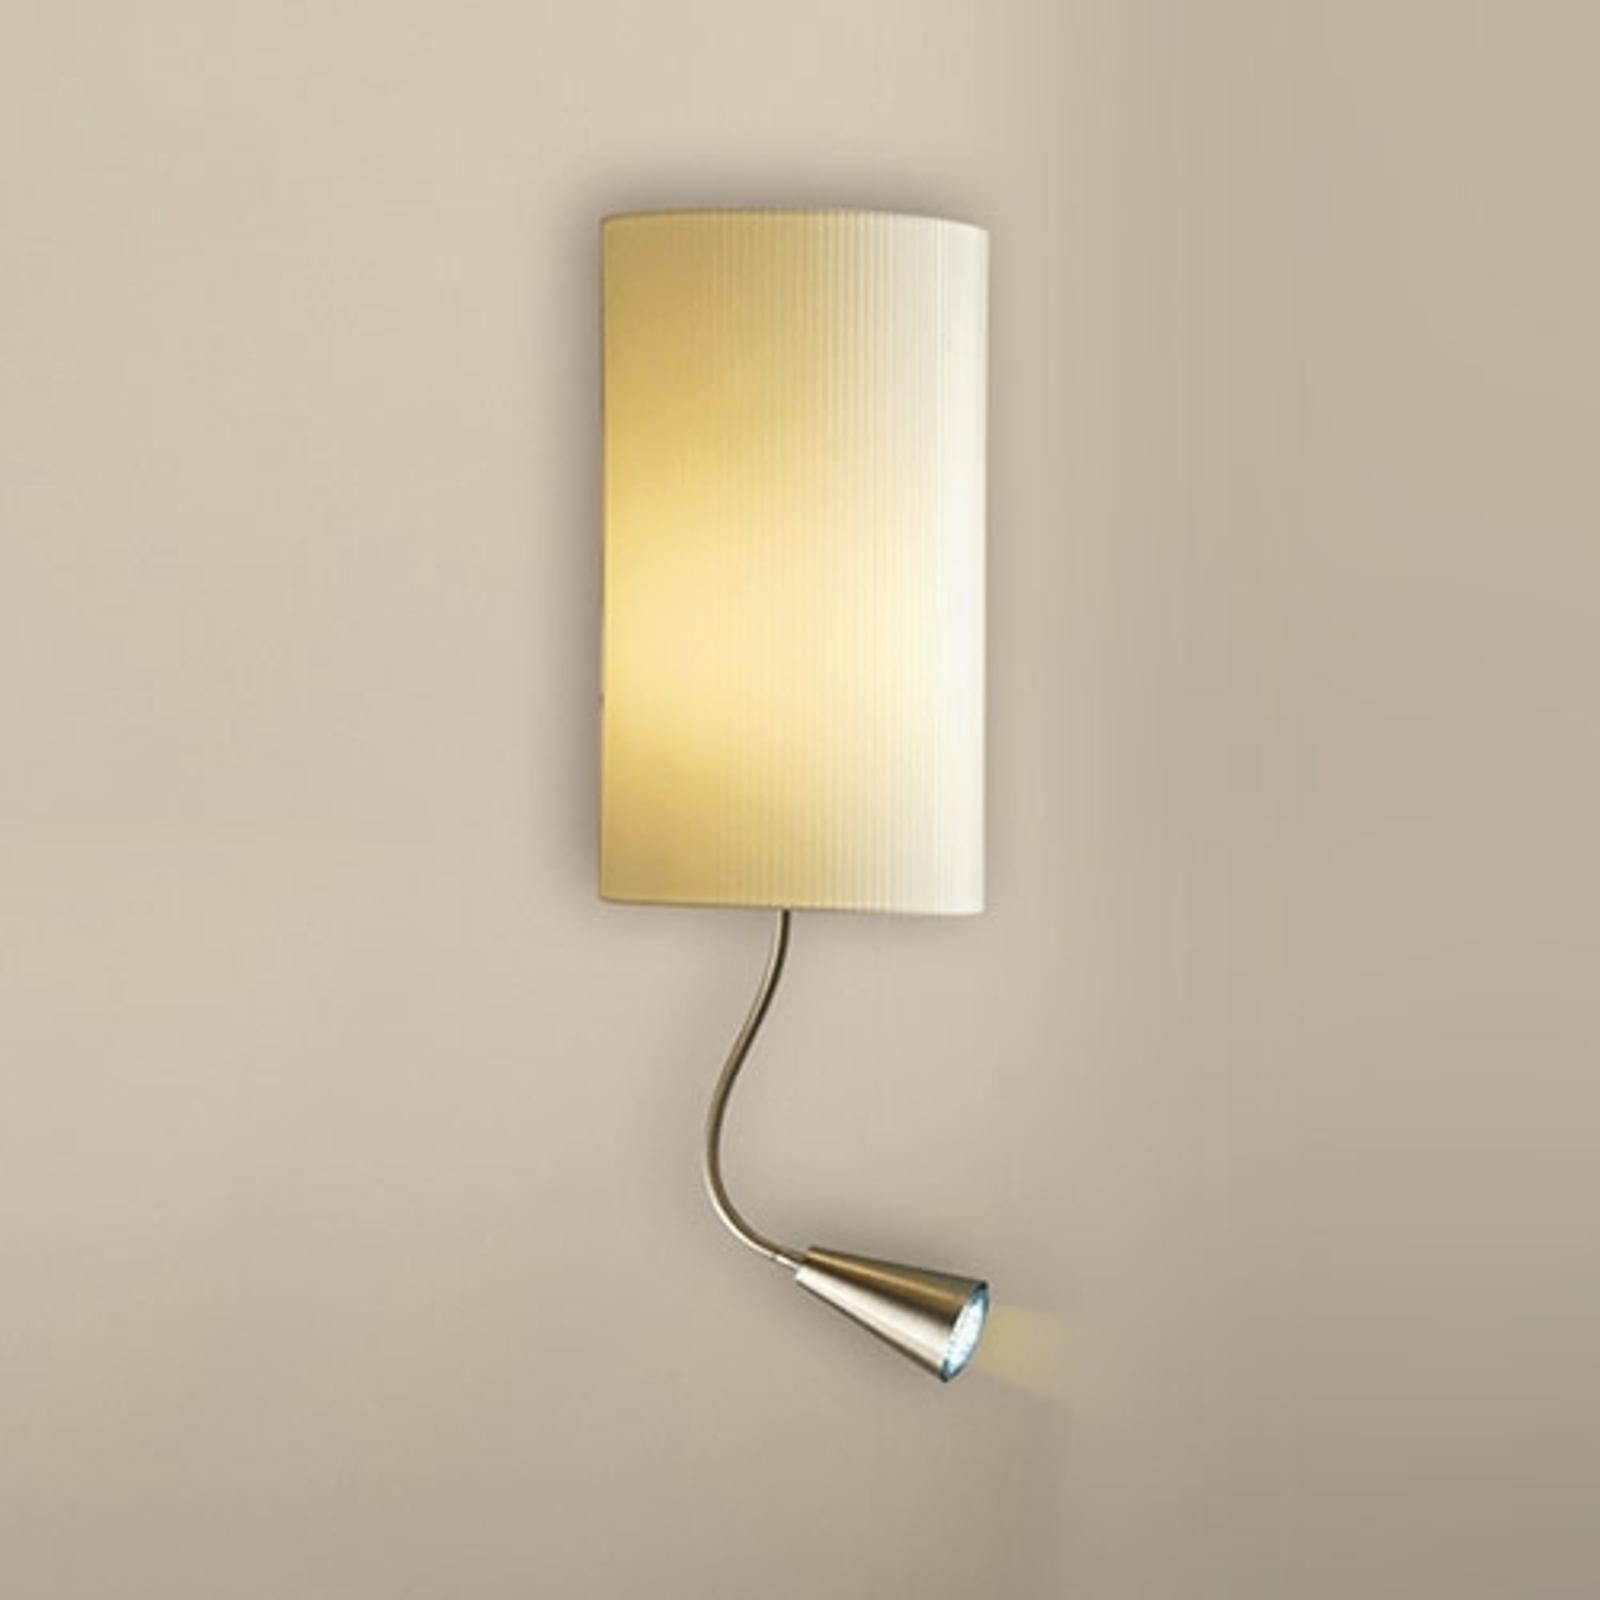 Wandlamp Benito met LED-leesarm